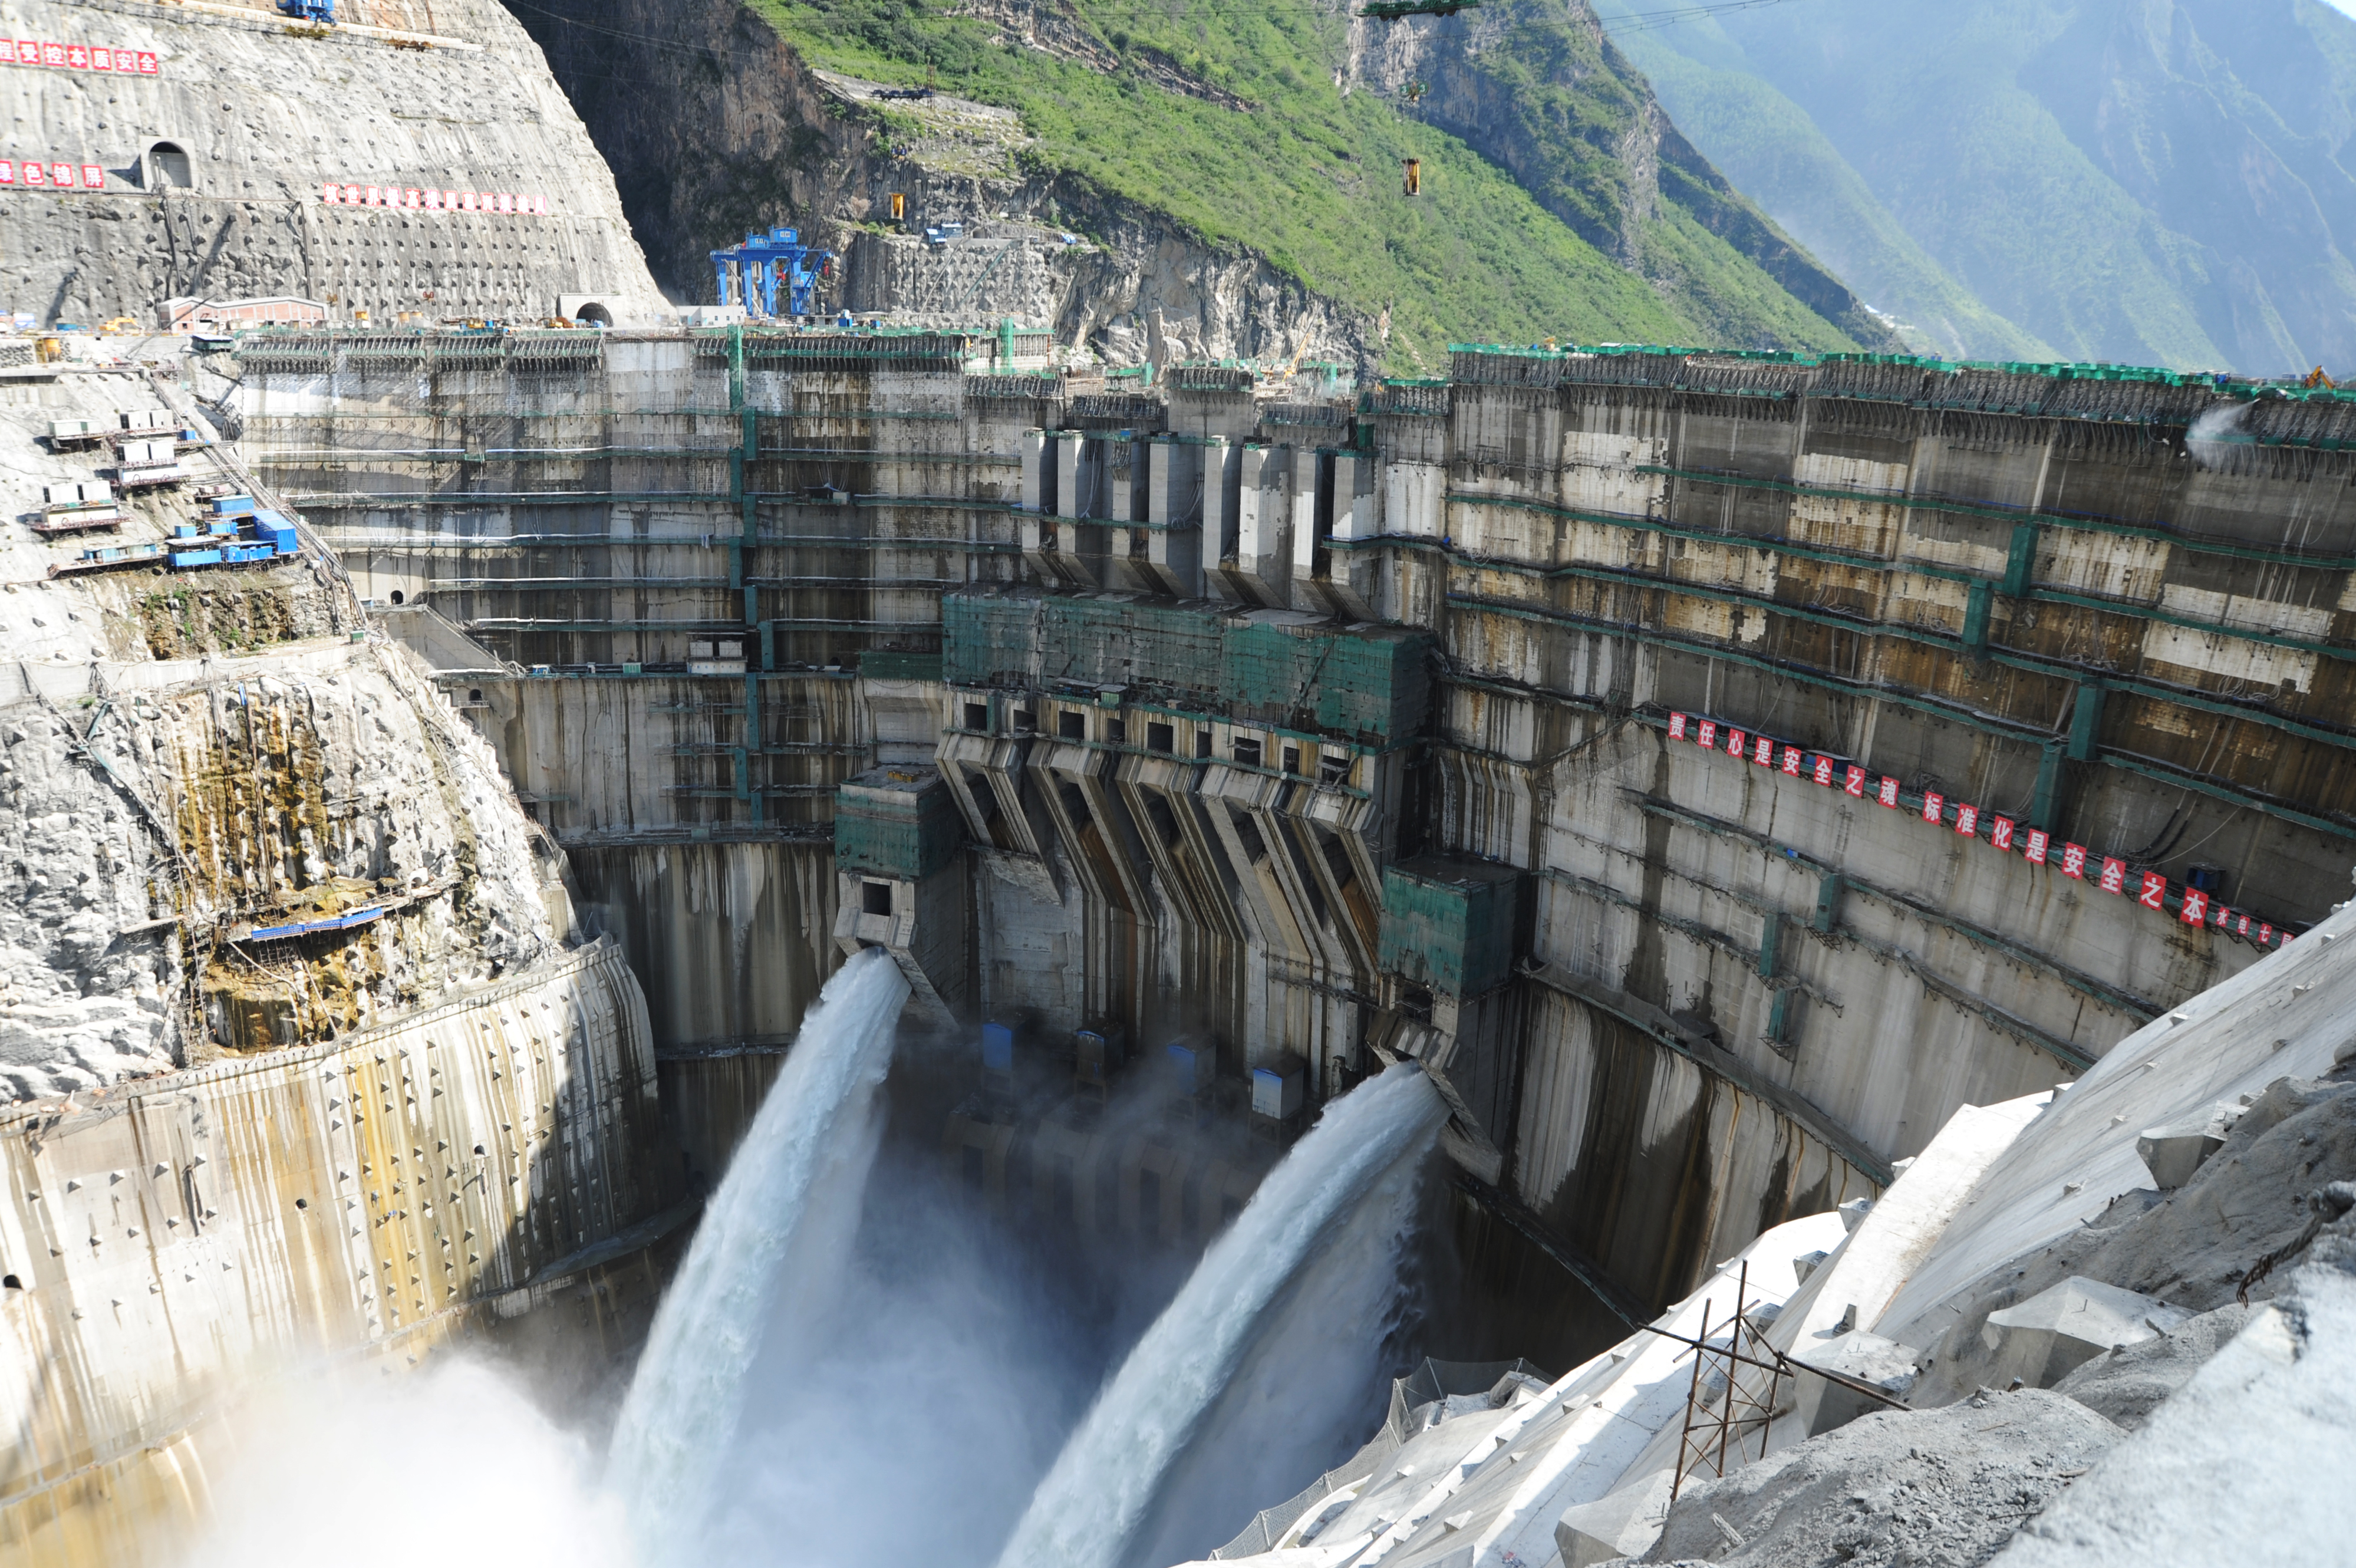 305米!最高的大坝葛洲坝承建